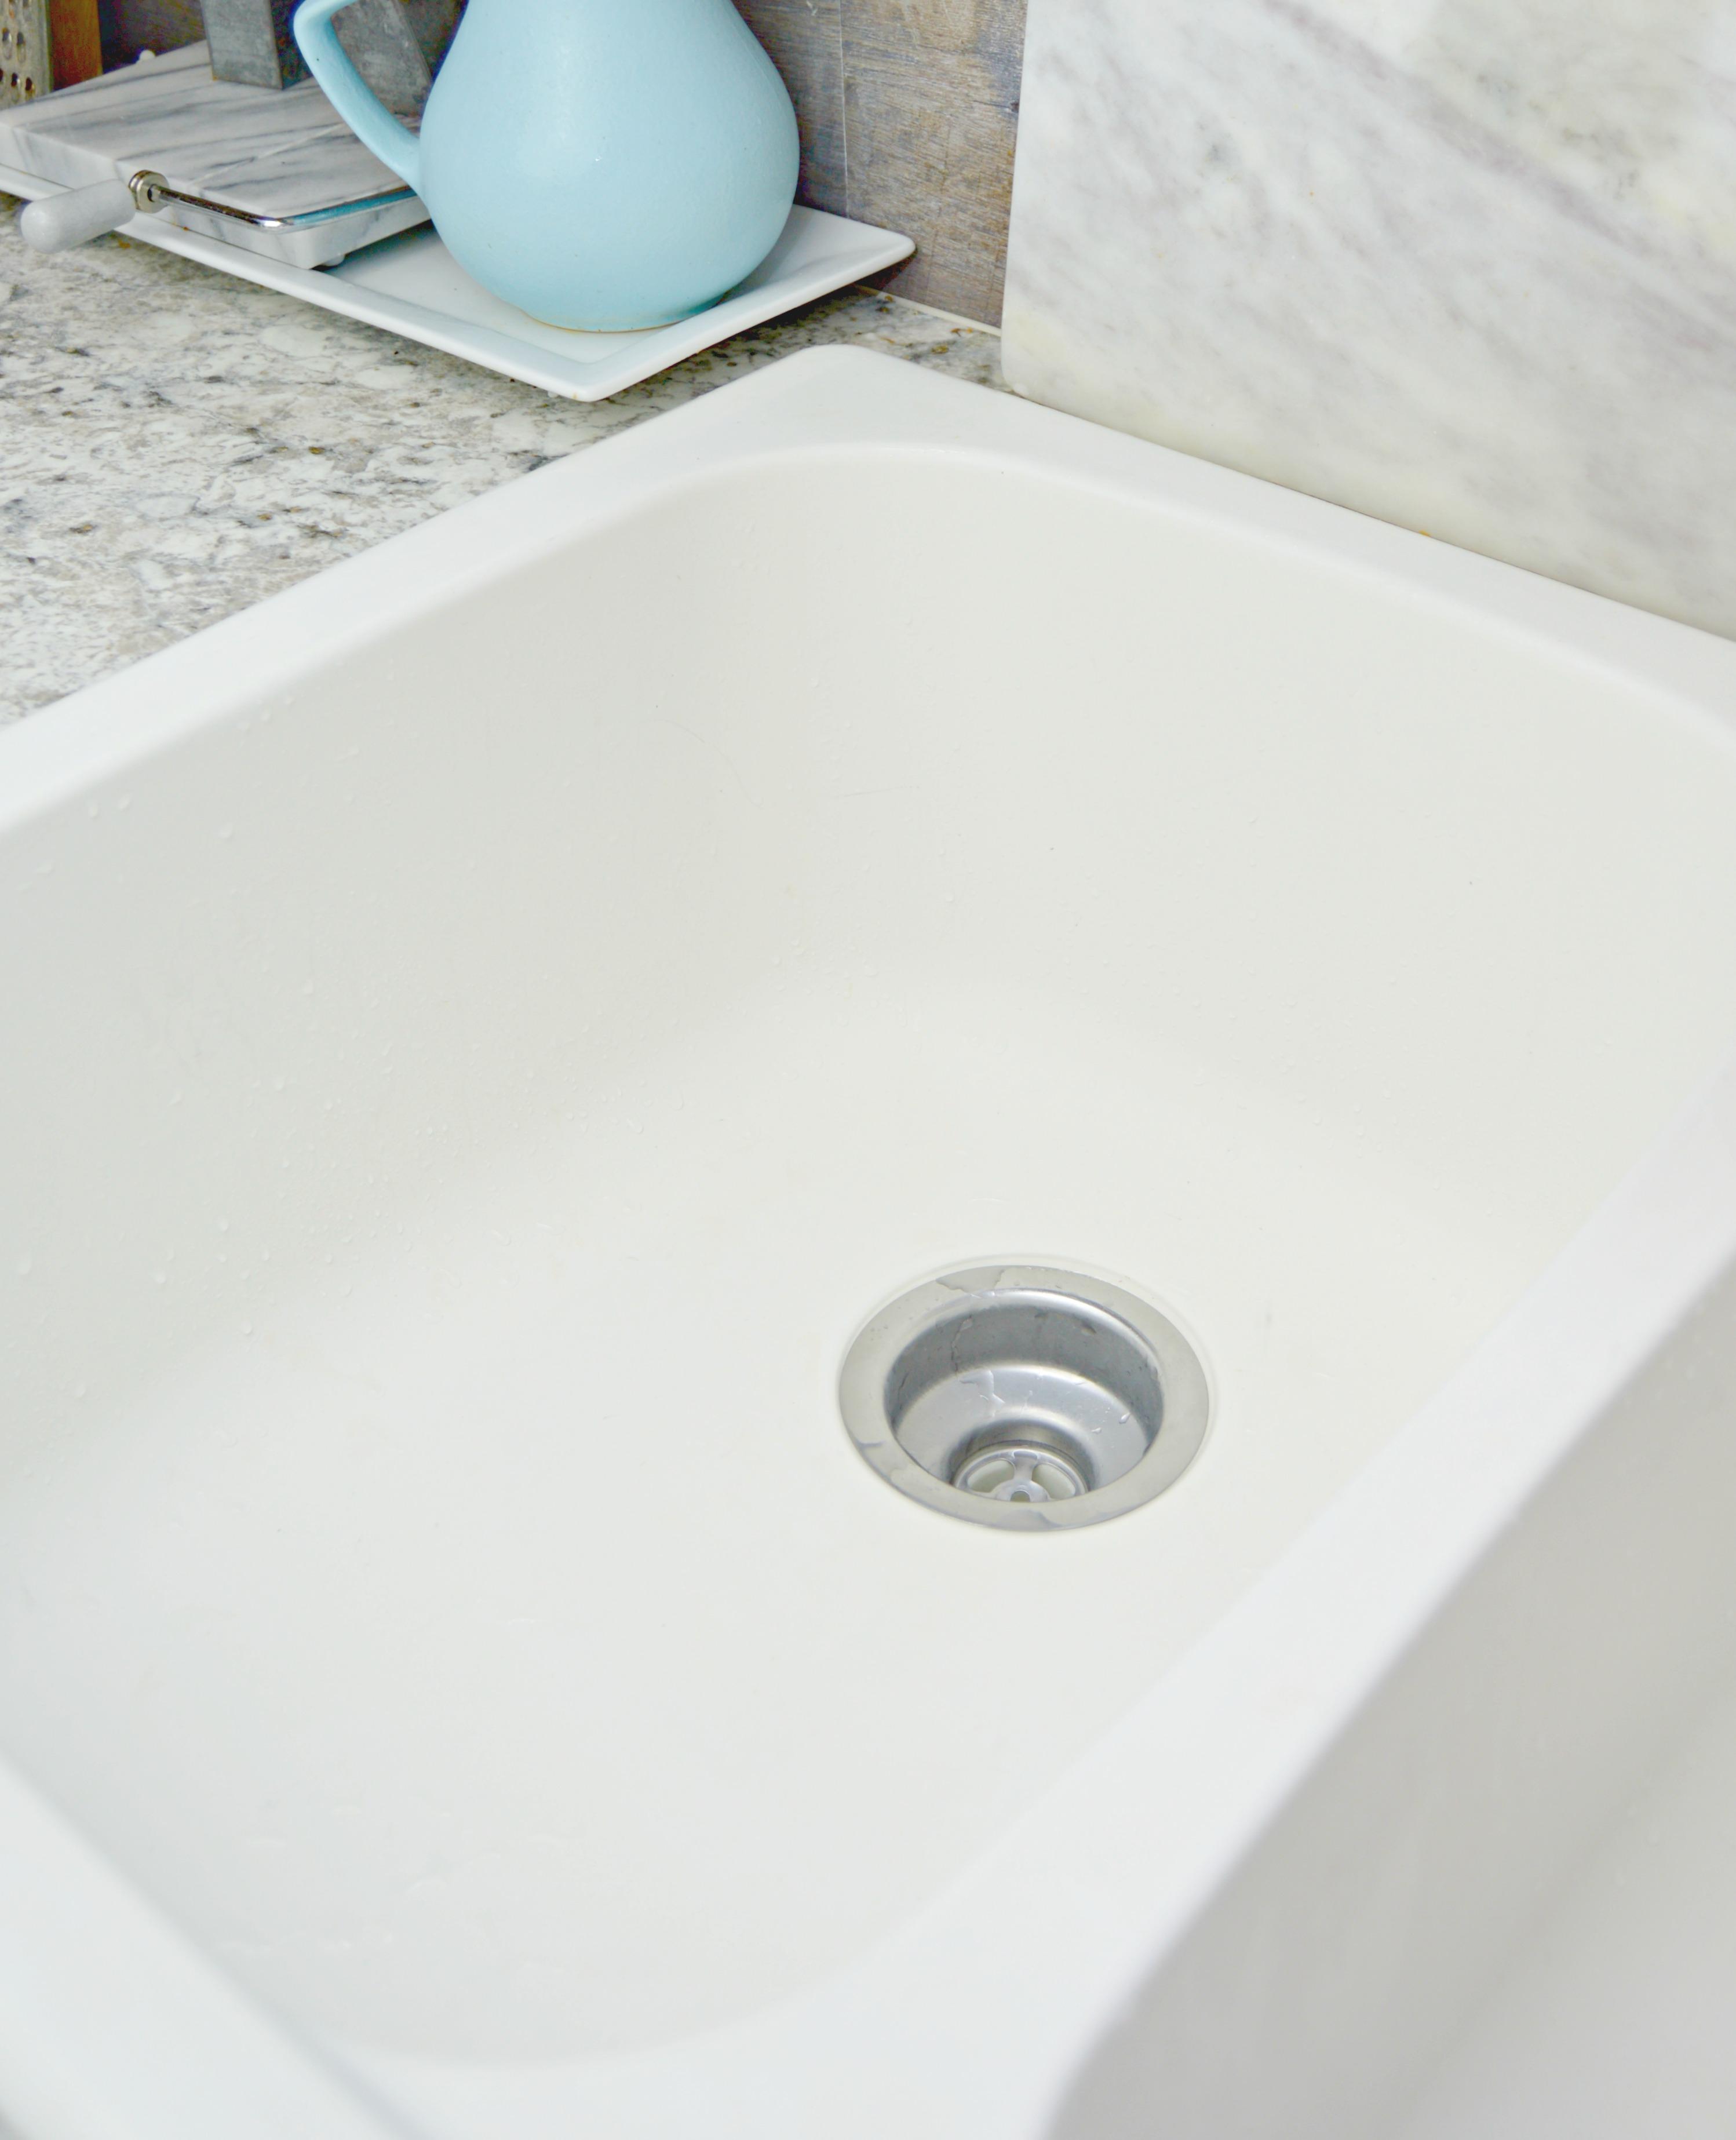 Homemade Sink Cleaner Scrub